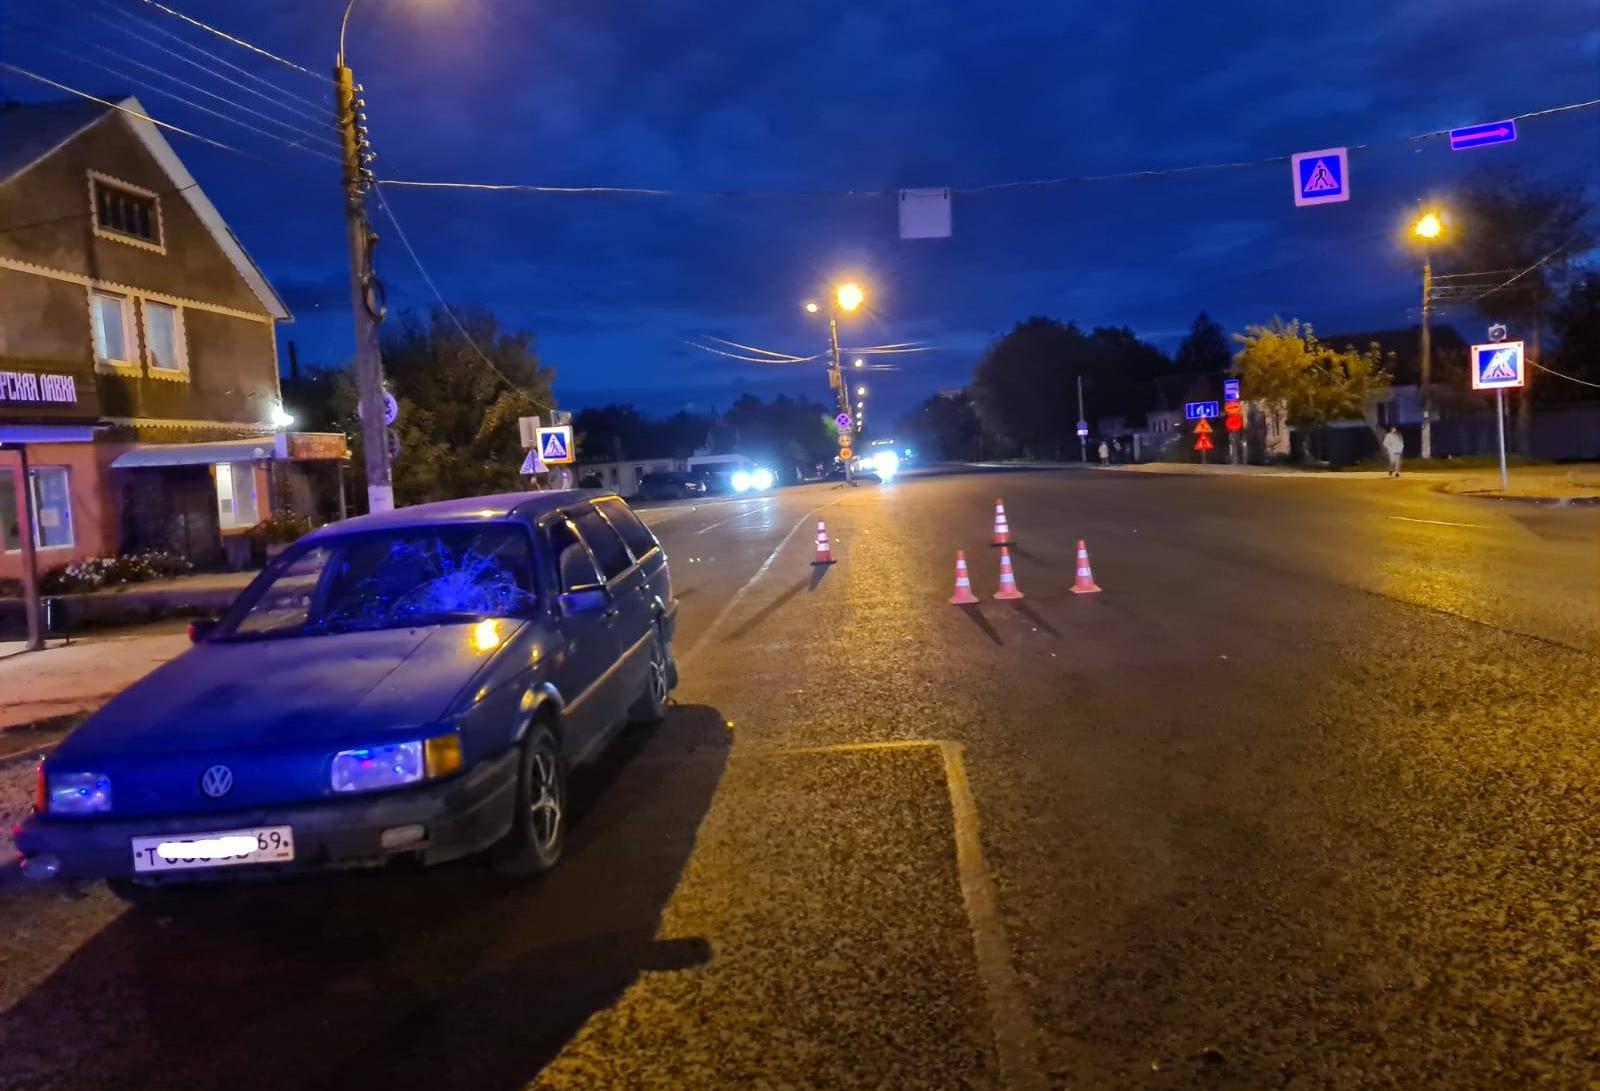 В Твери отправили под домашний арест водителя, пьяным насмерть сбившего пожилого пешехода